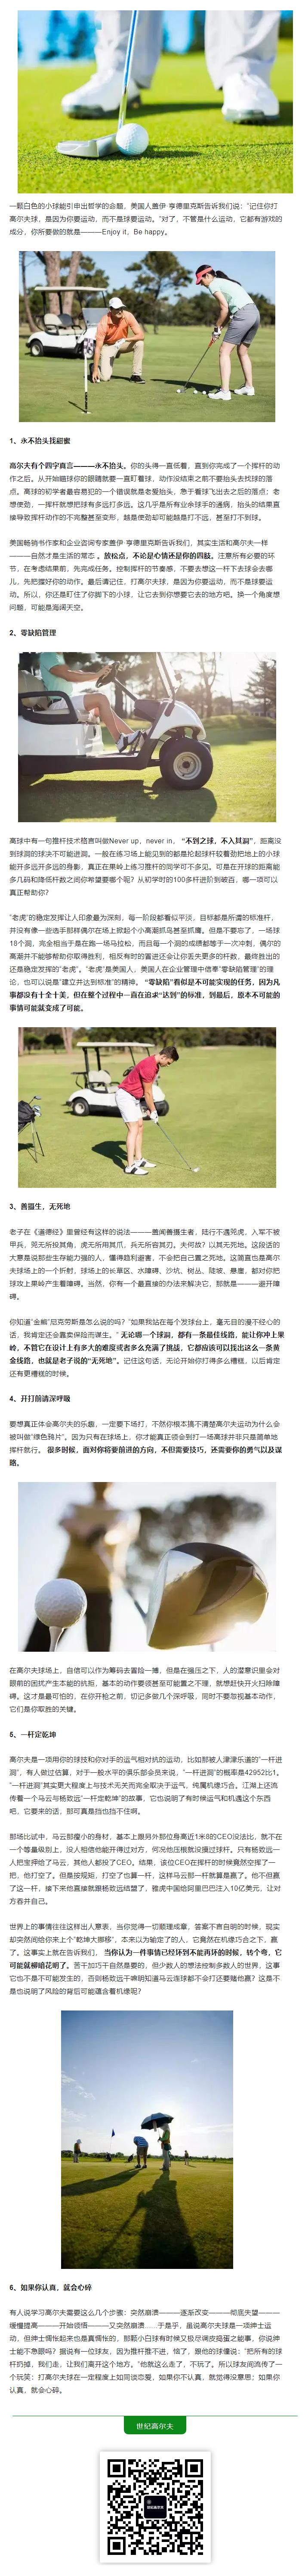 打高尔夫,可以输给别人但不要输给自己.png